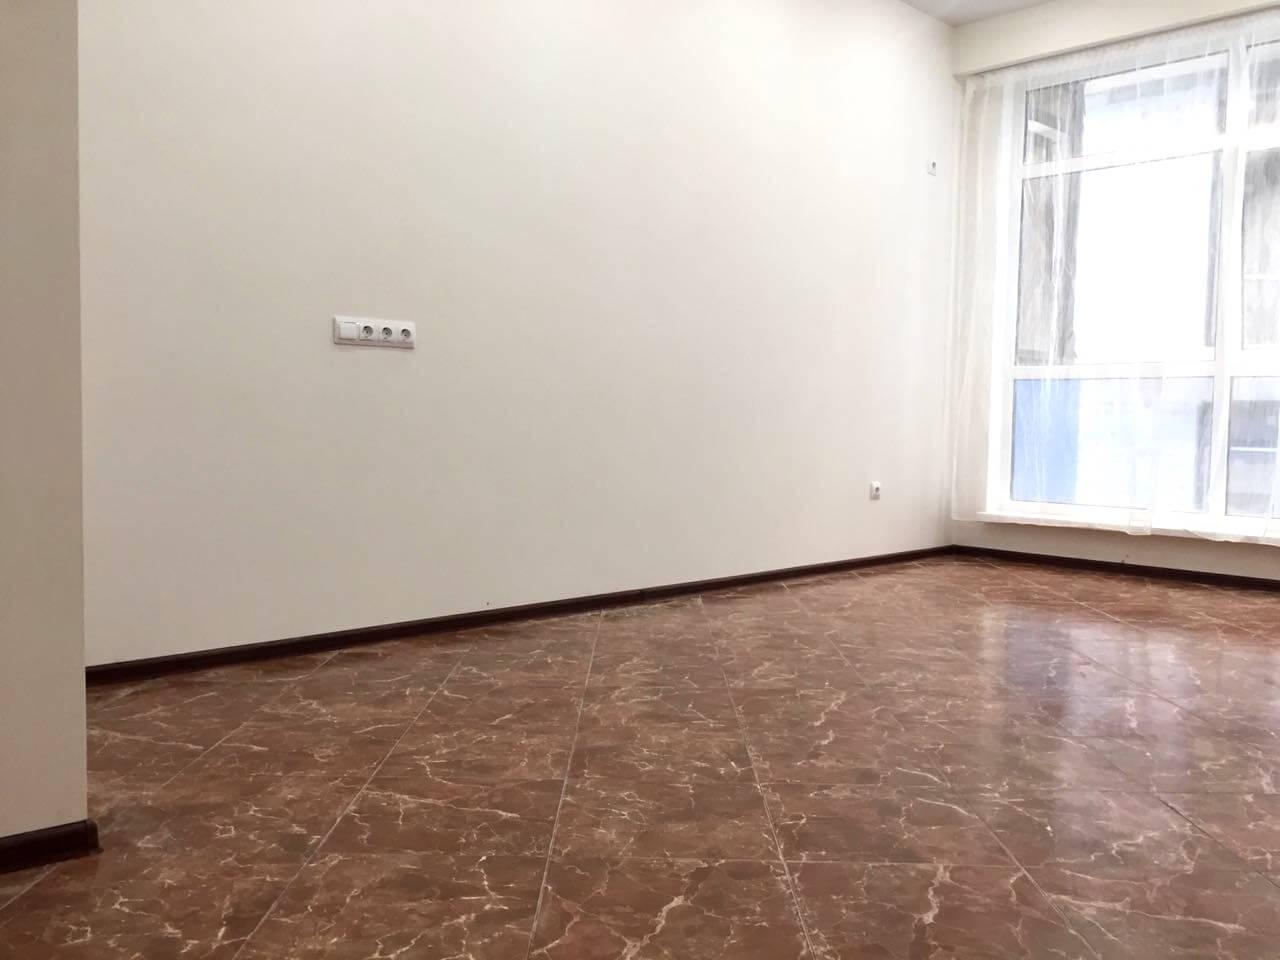 Продажа квартиры-студии в ЖК Белые акации (30,5 м²)